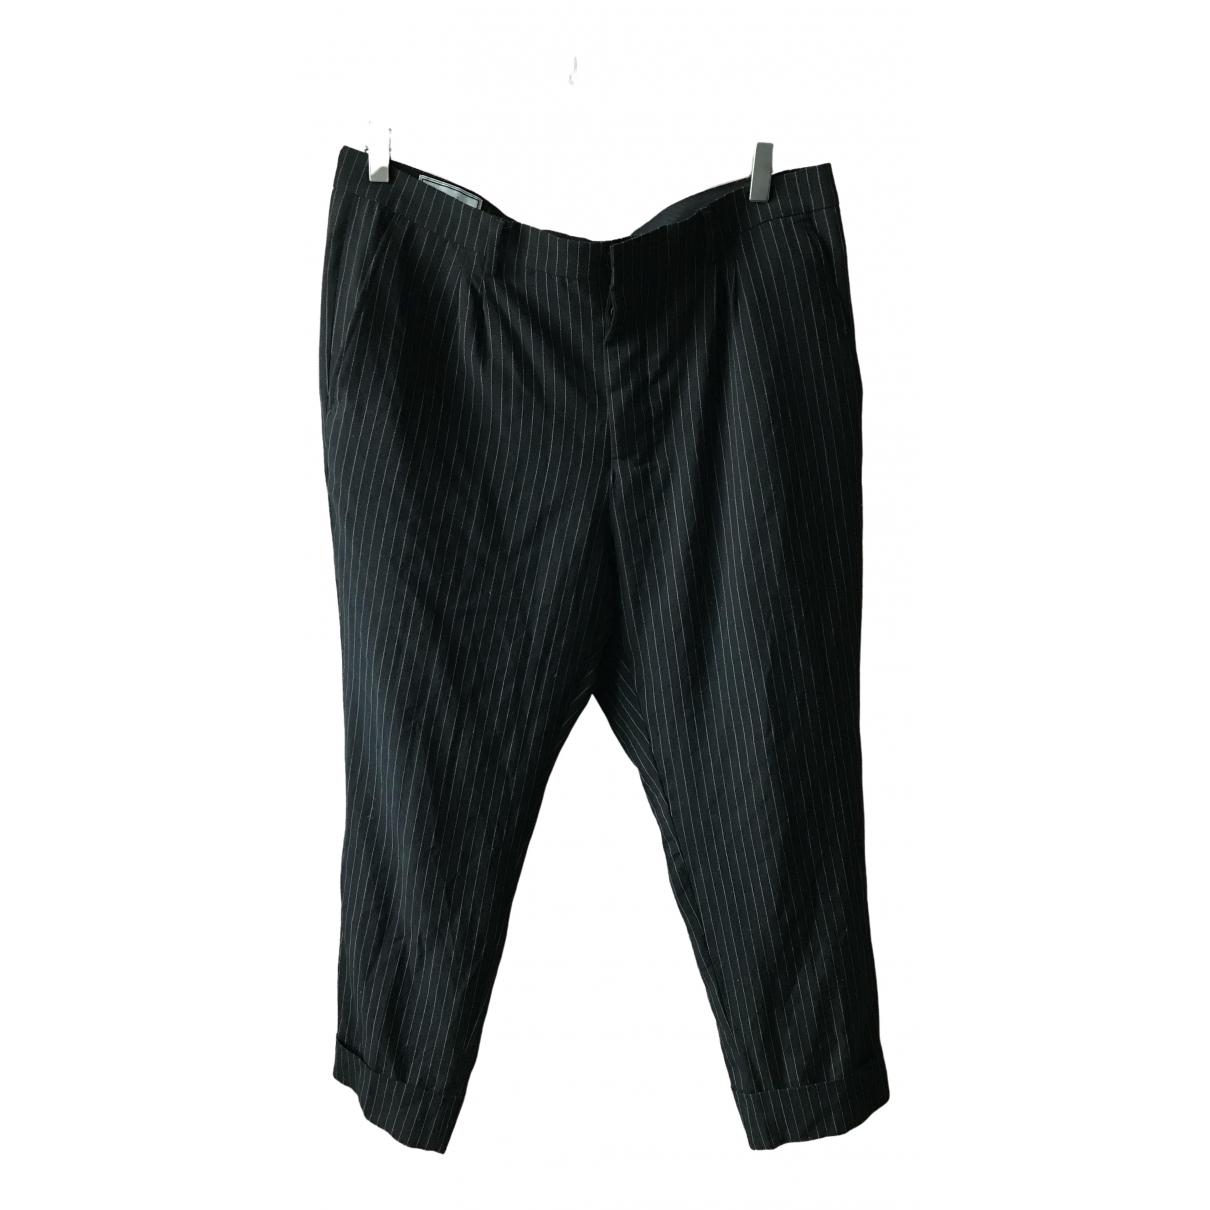 Pantalon de Lana Ami